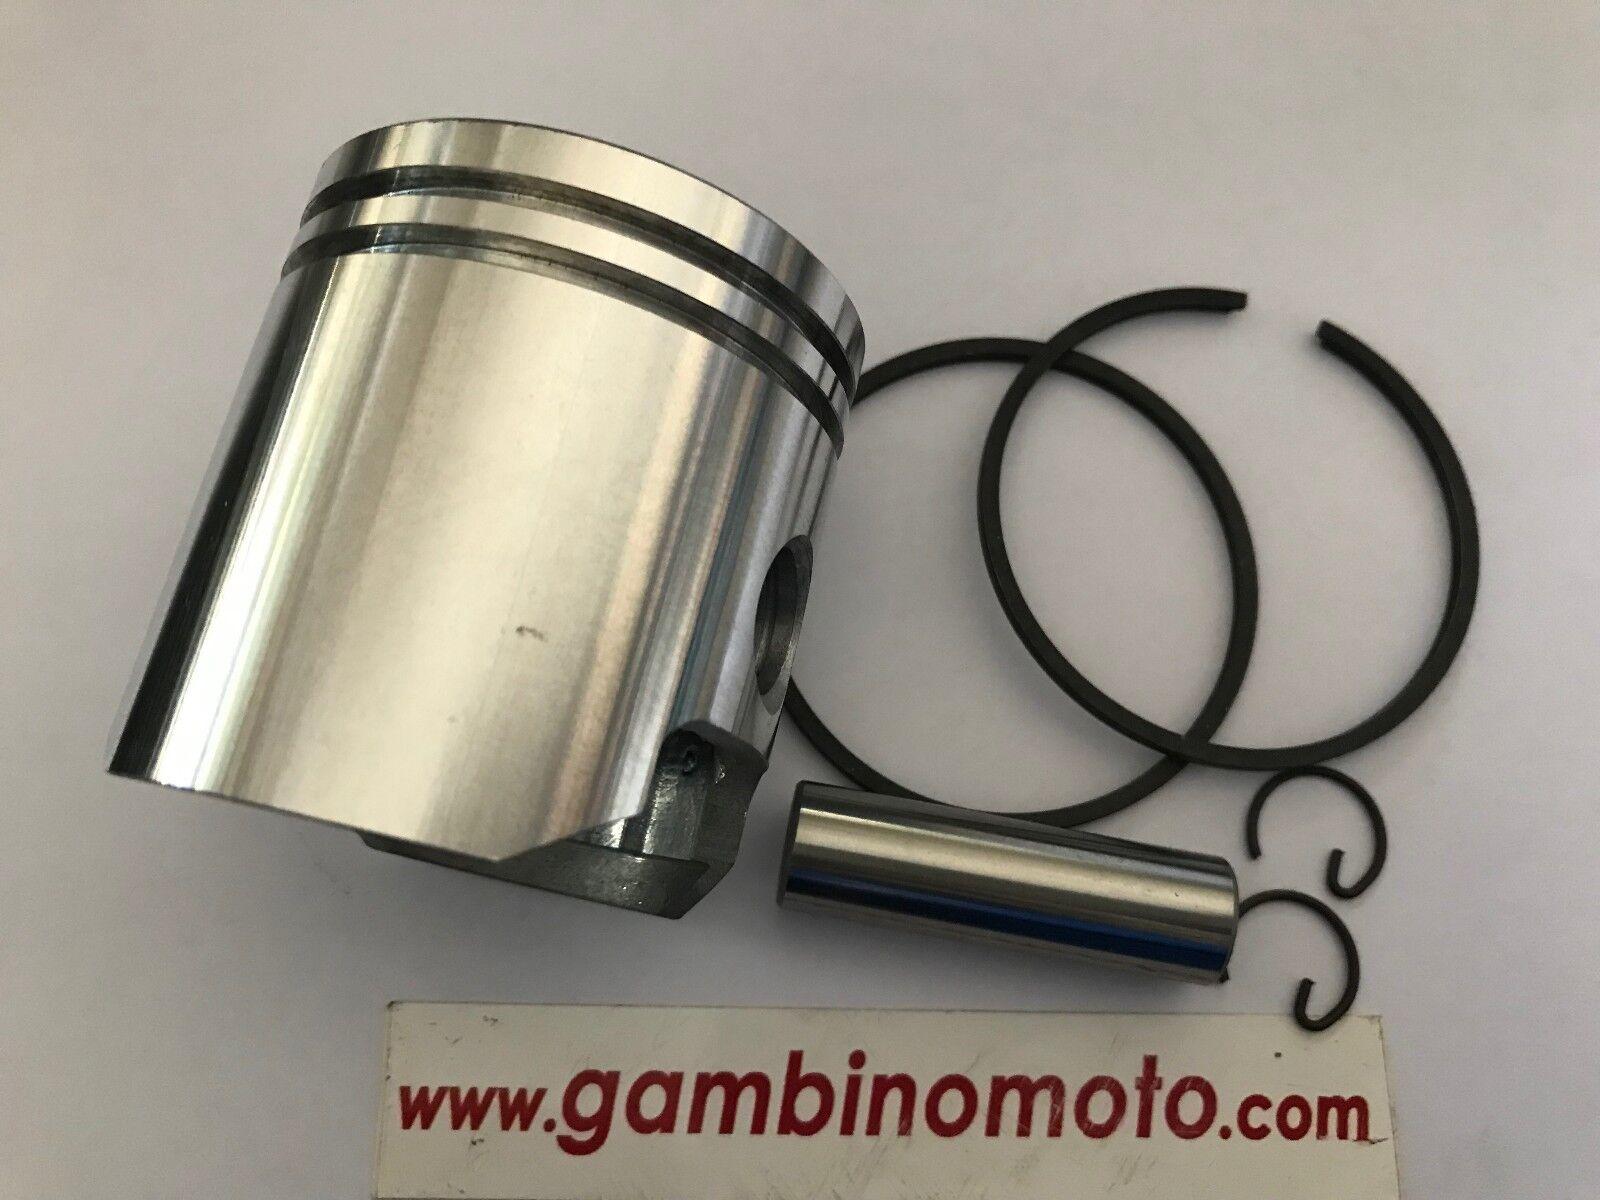 Kolben Motor Bauernkongress Beta 140-b147 Durchmesser 59,00 MM